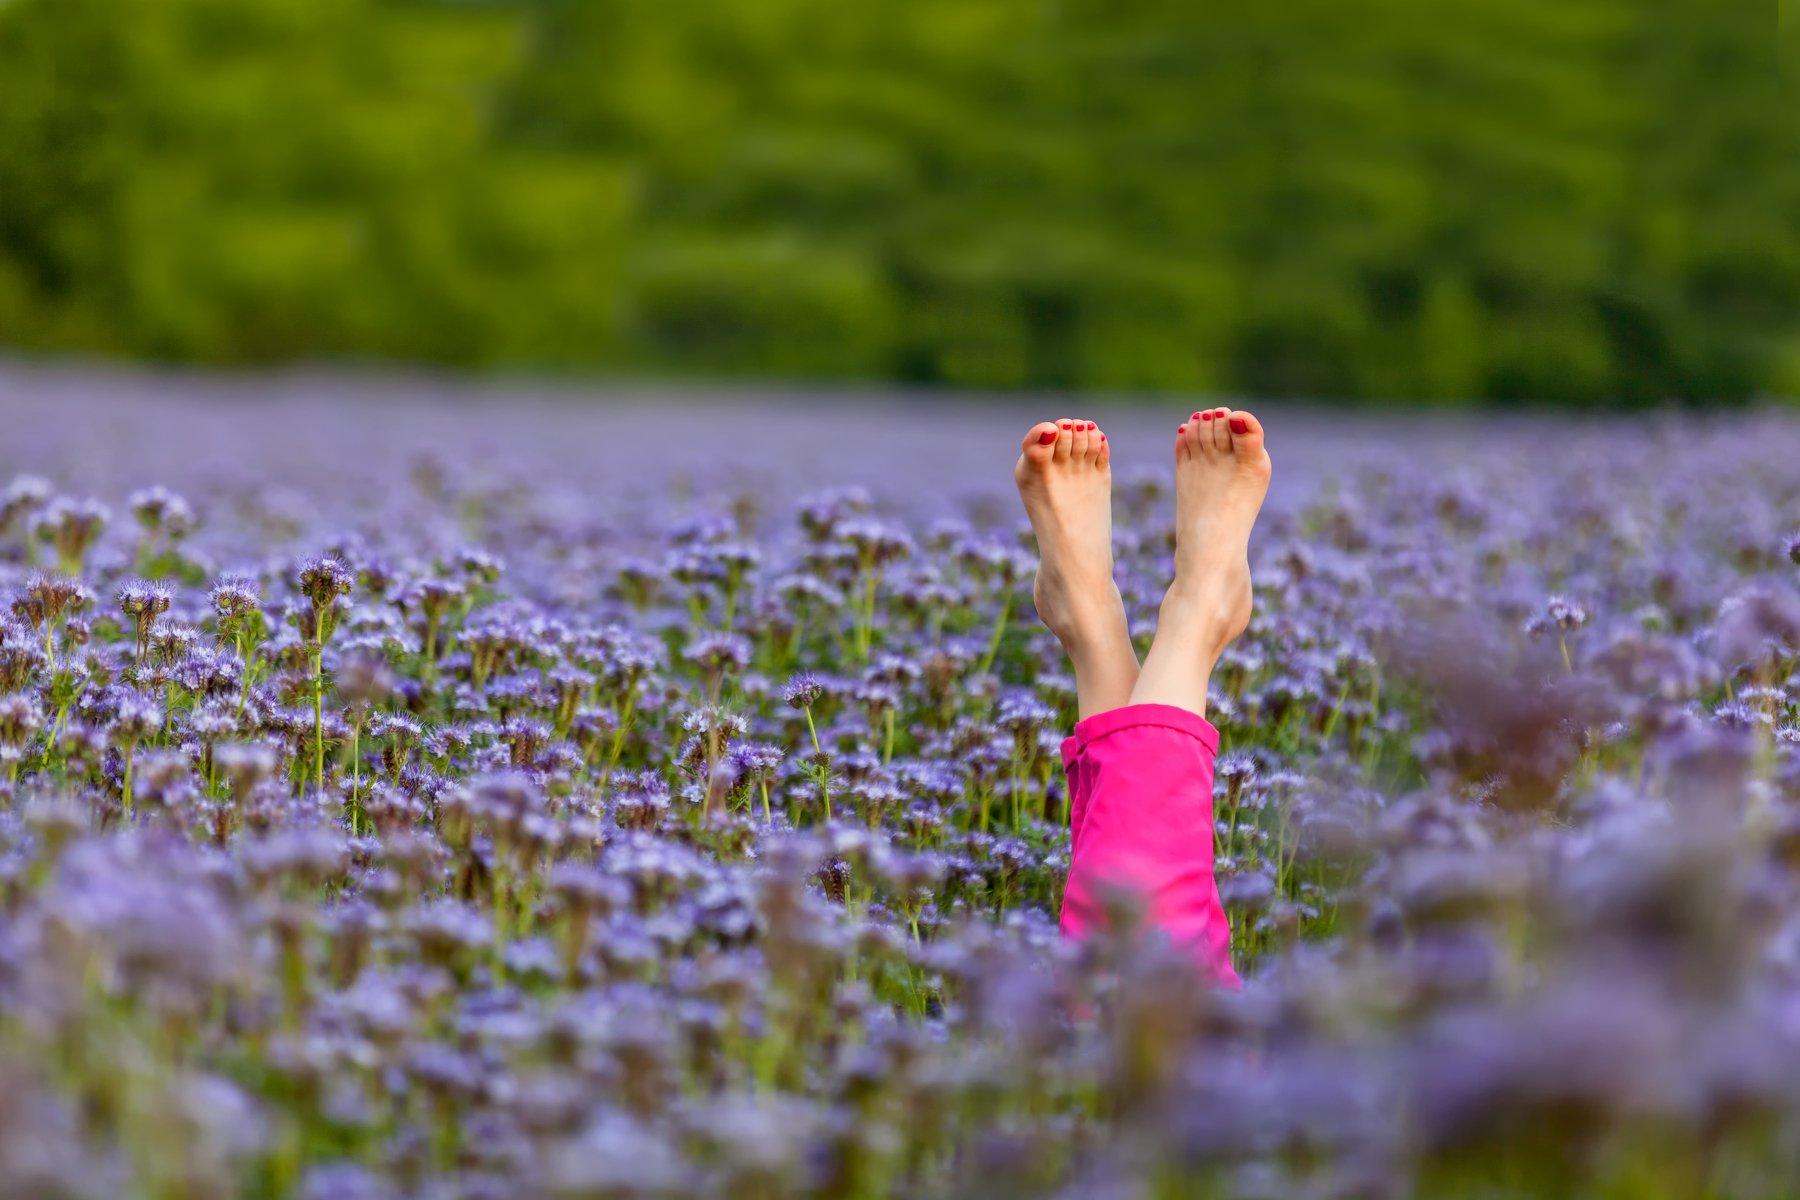 Лето, цветы, тепло, краски, радость, Никита Сердечный